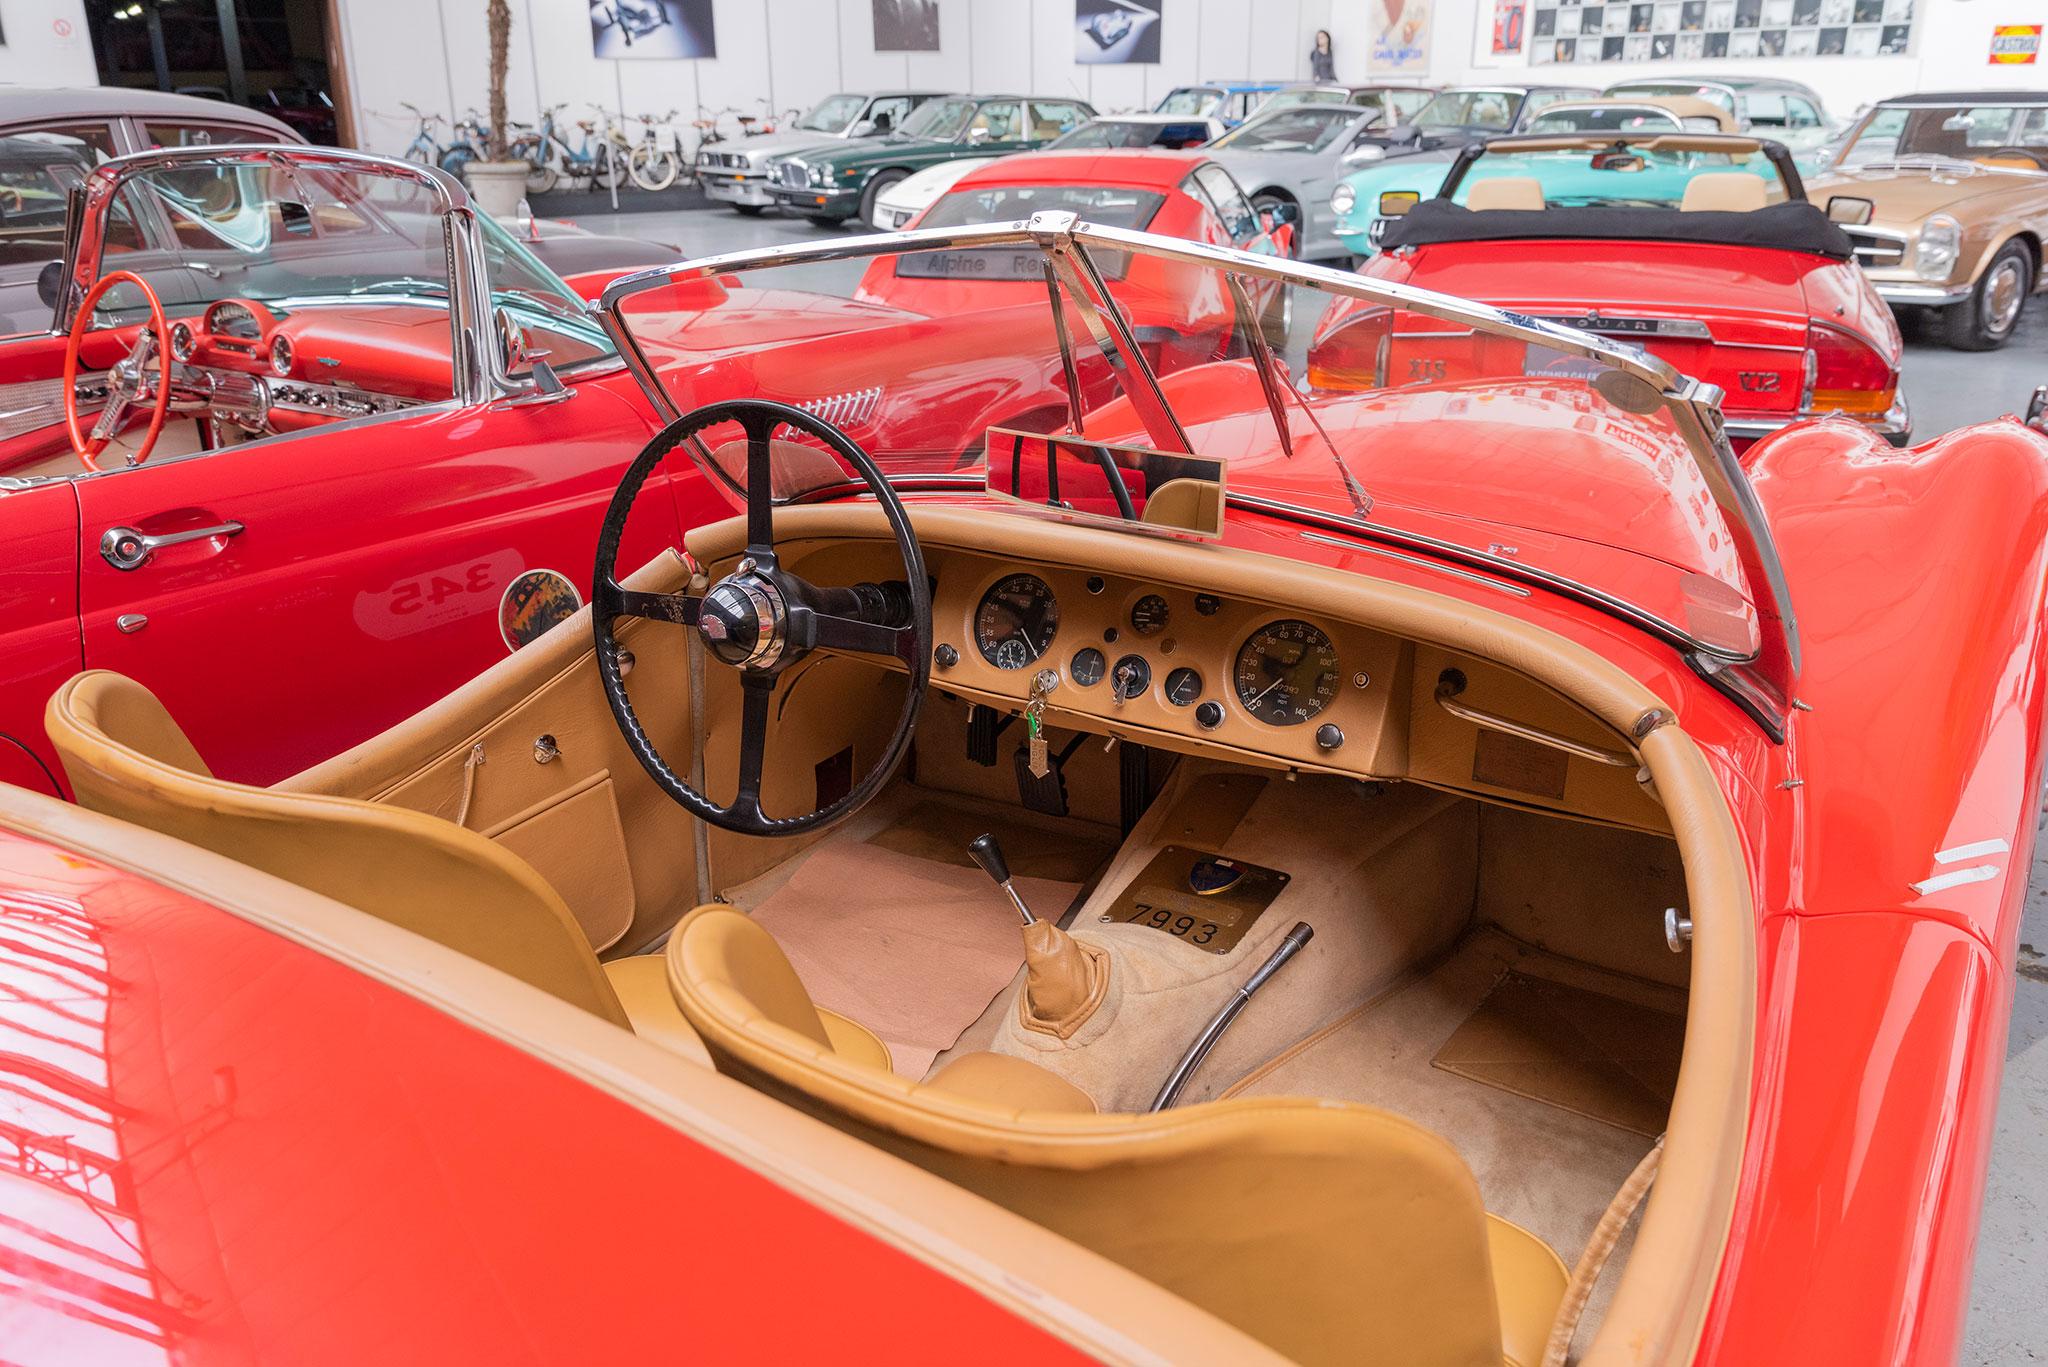 1954 Jaguar XK 120 OTS vue intérieure.